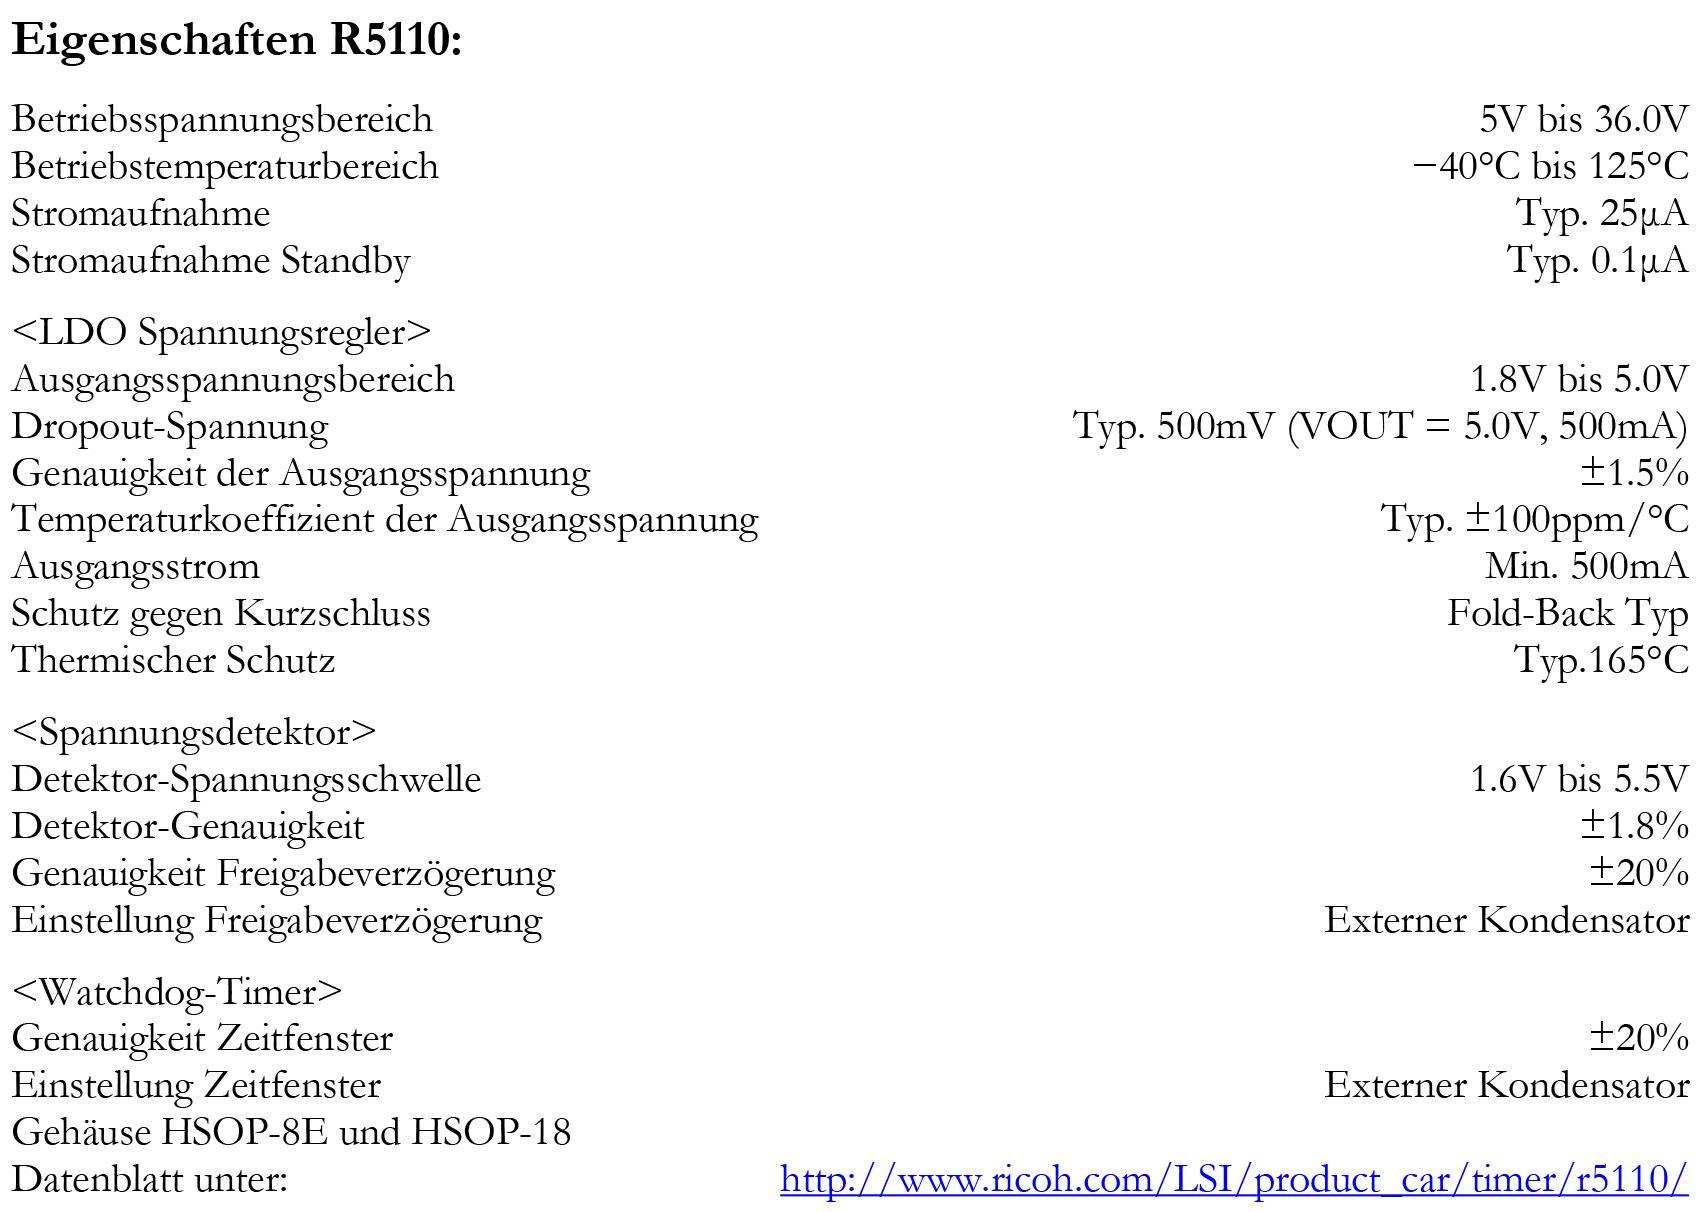 Ricoh Stellt Die Prozessor Ber Wachungs Serie R5110 Vor Ausge Watchdog Timer Circuit Eig De